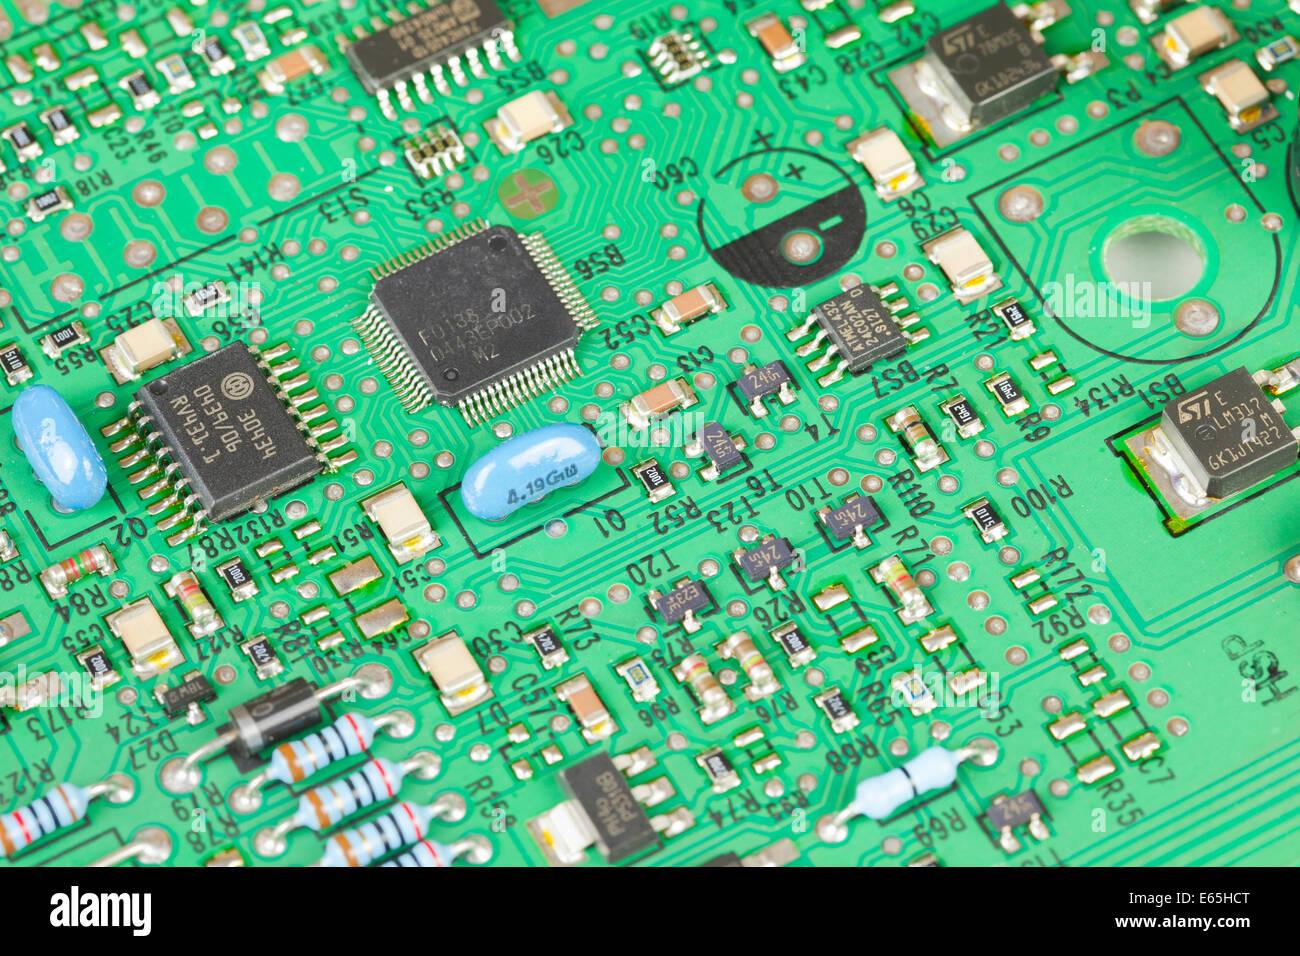 Makroaufnahme einer elektrischen Platine Stockbild